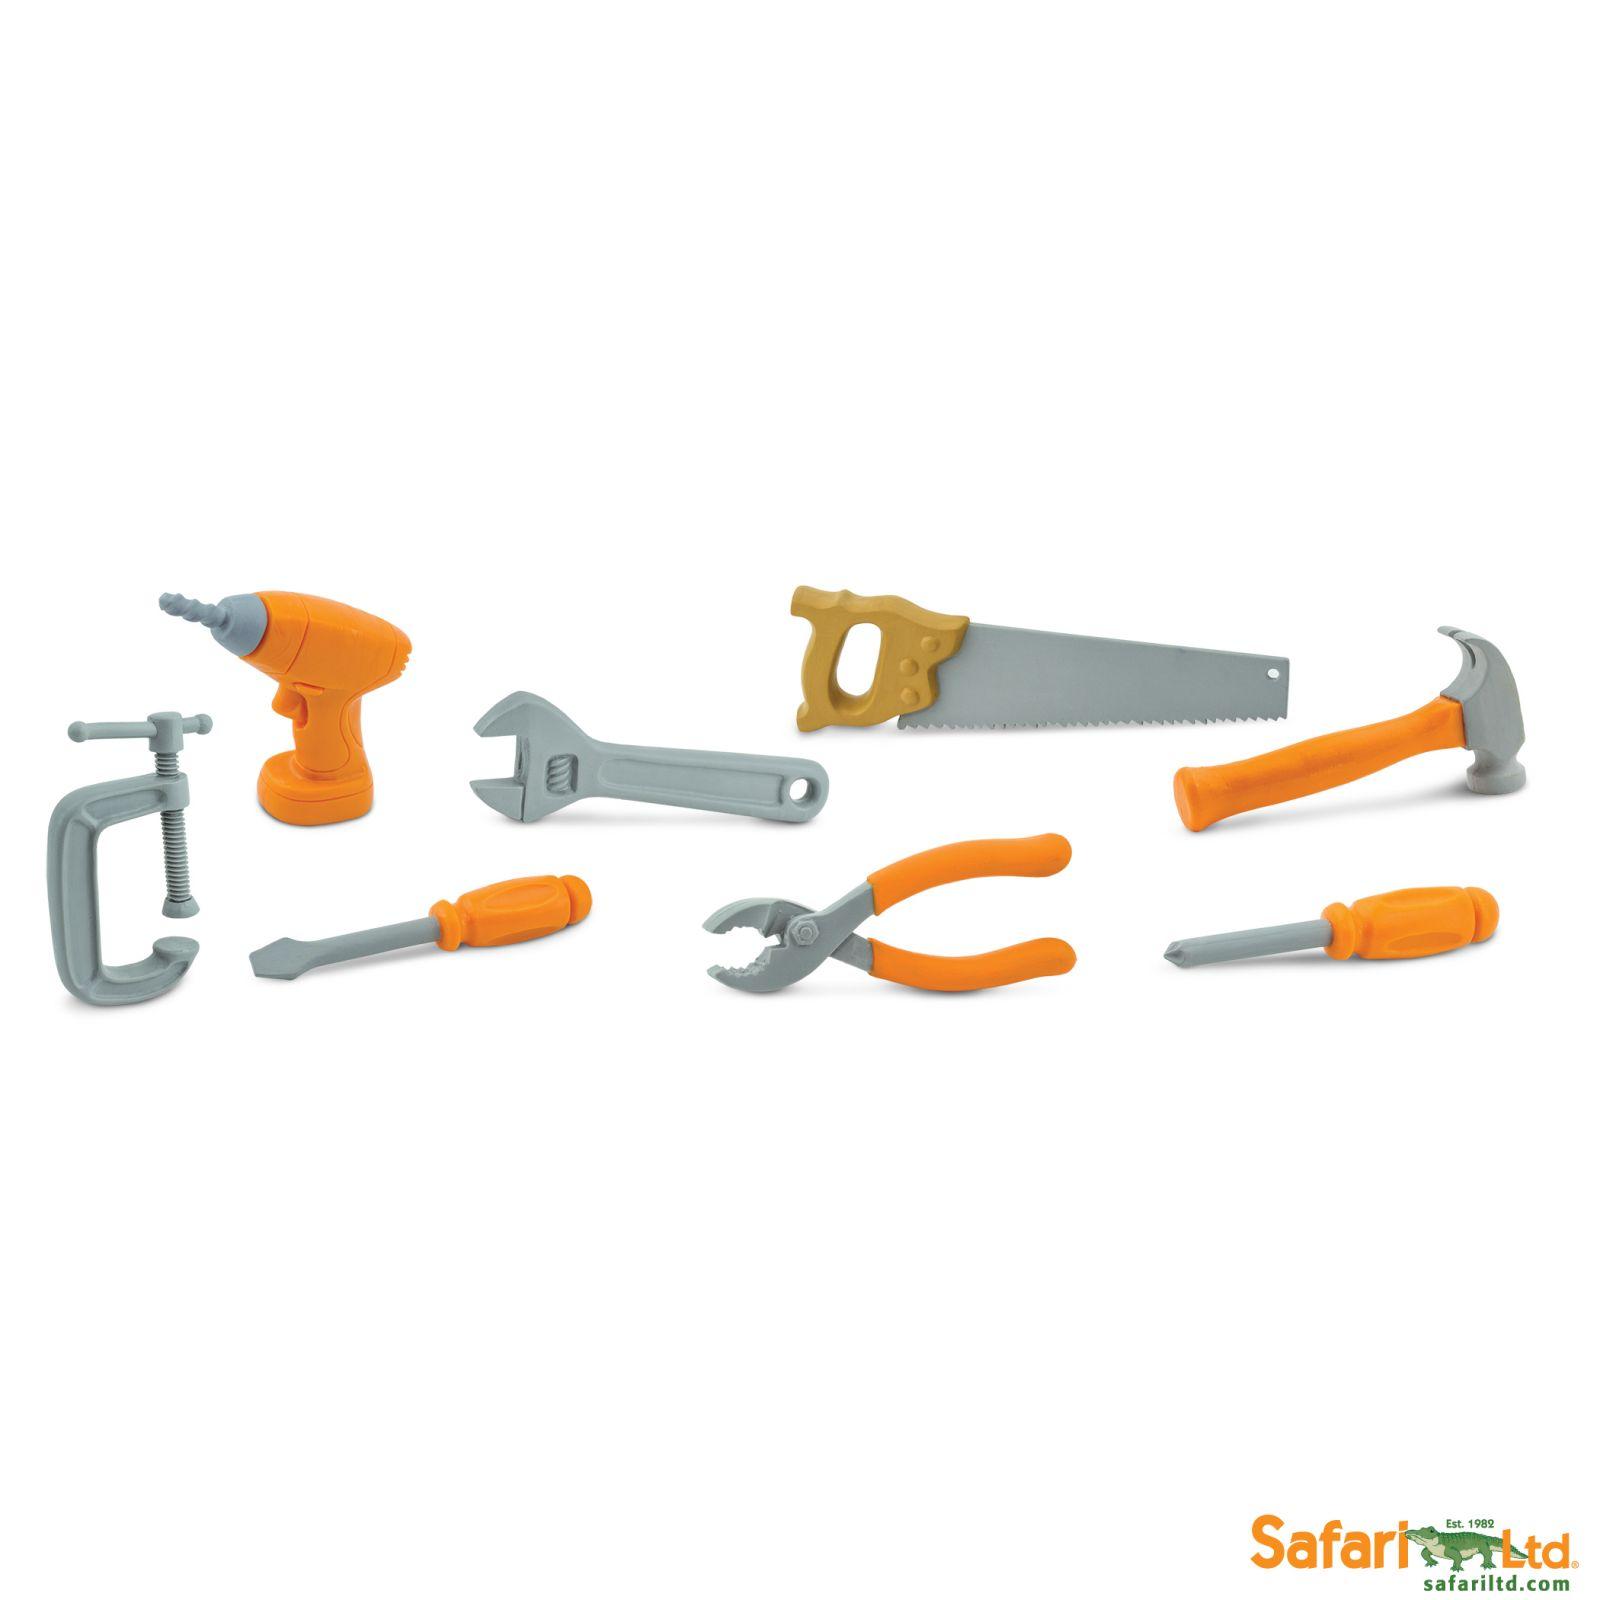 Dřevěné hračky Safari Ltd - Tuba - Nářadí